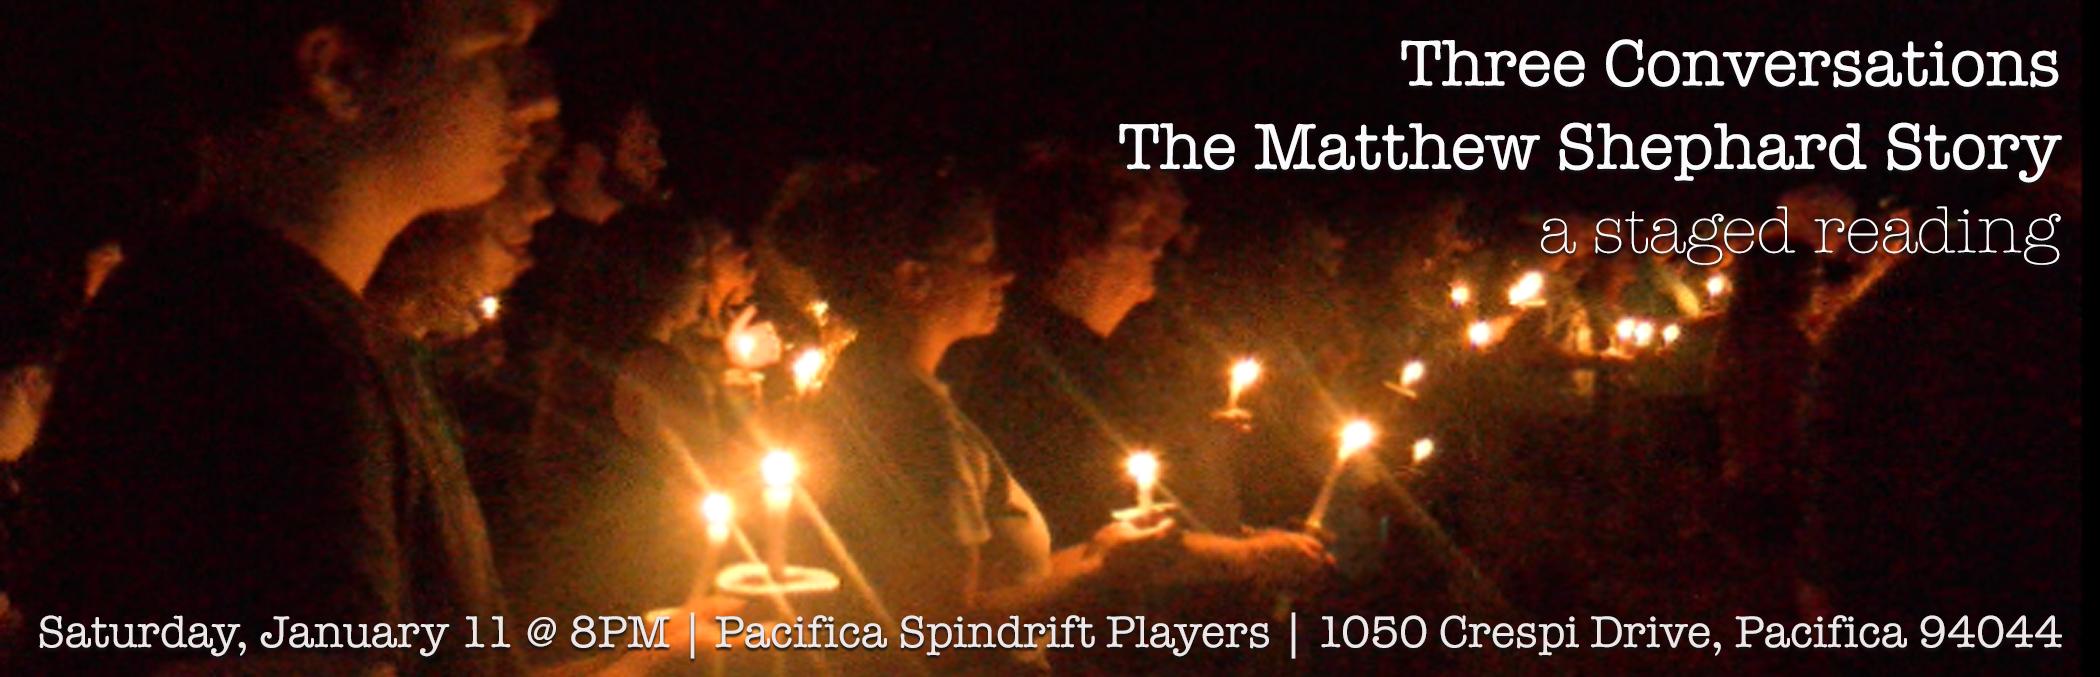 Three Conversations: The Matthew Shepard Story